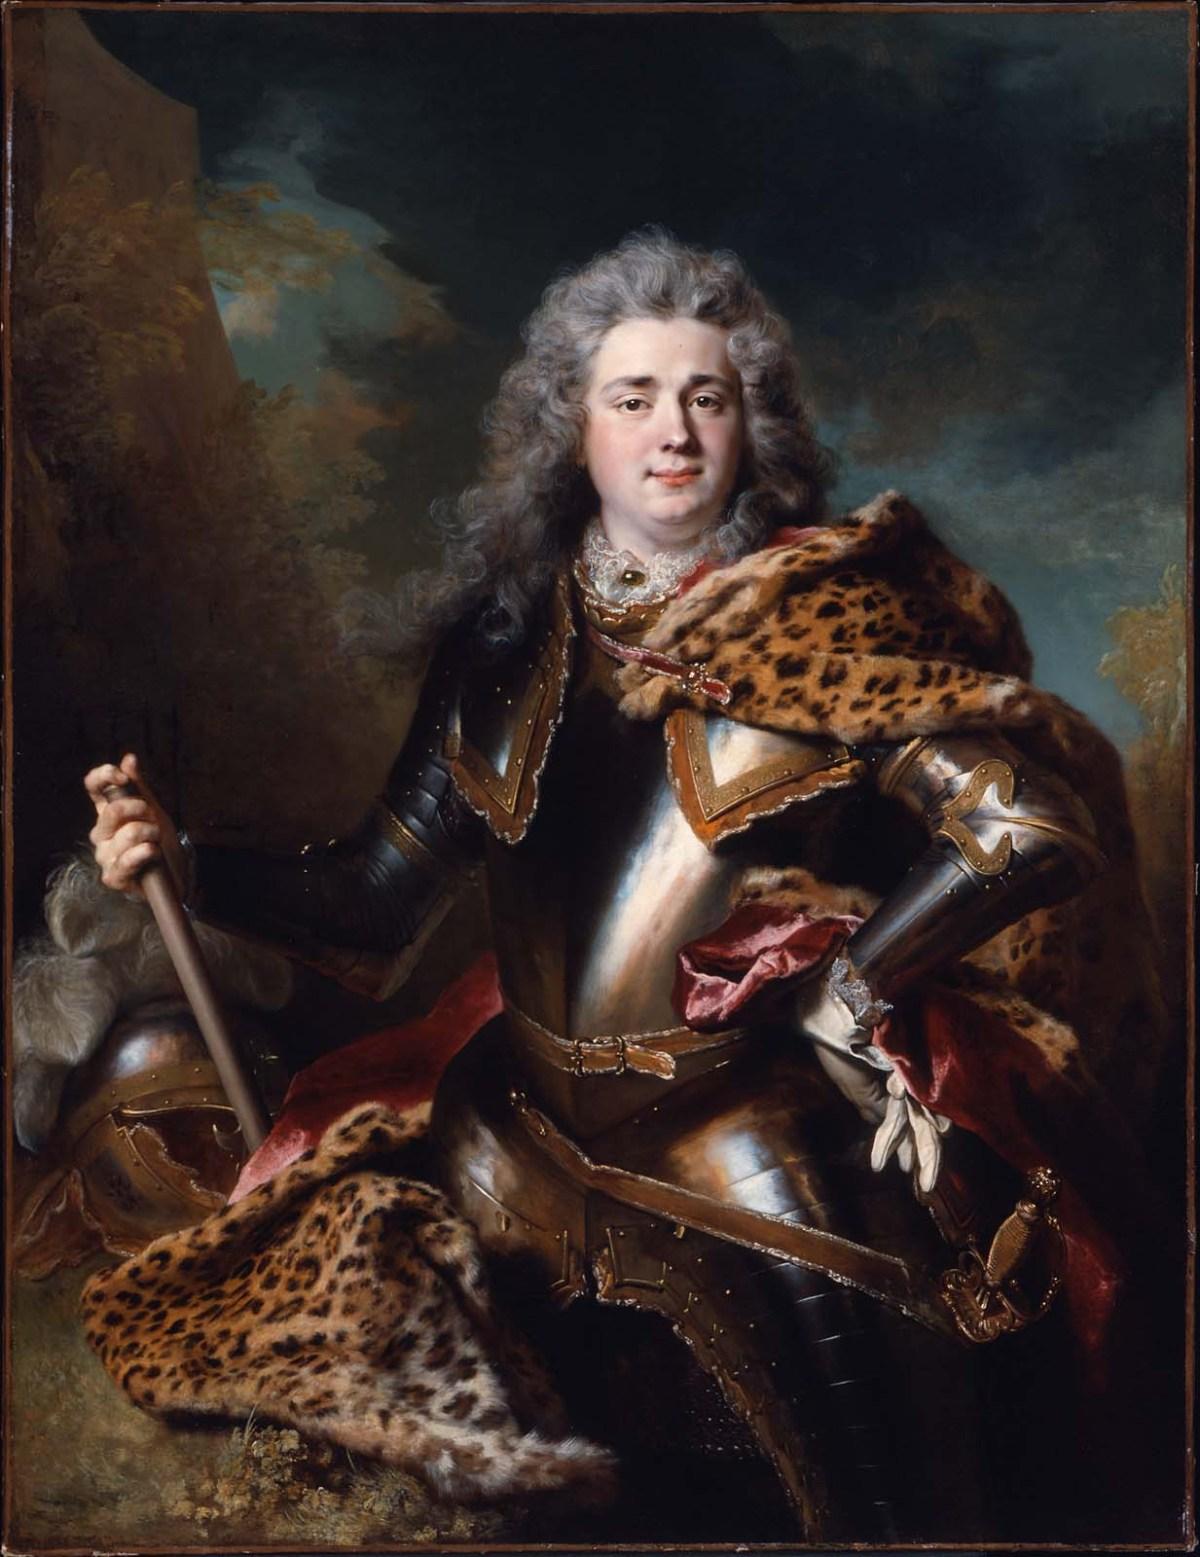 François de Gontaut, Duc de Biron by Nicolas De Largilliere